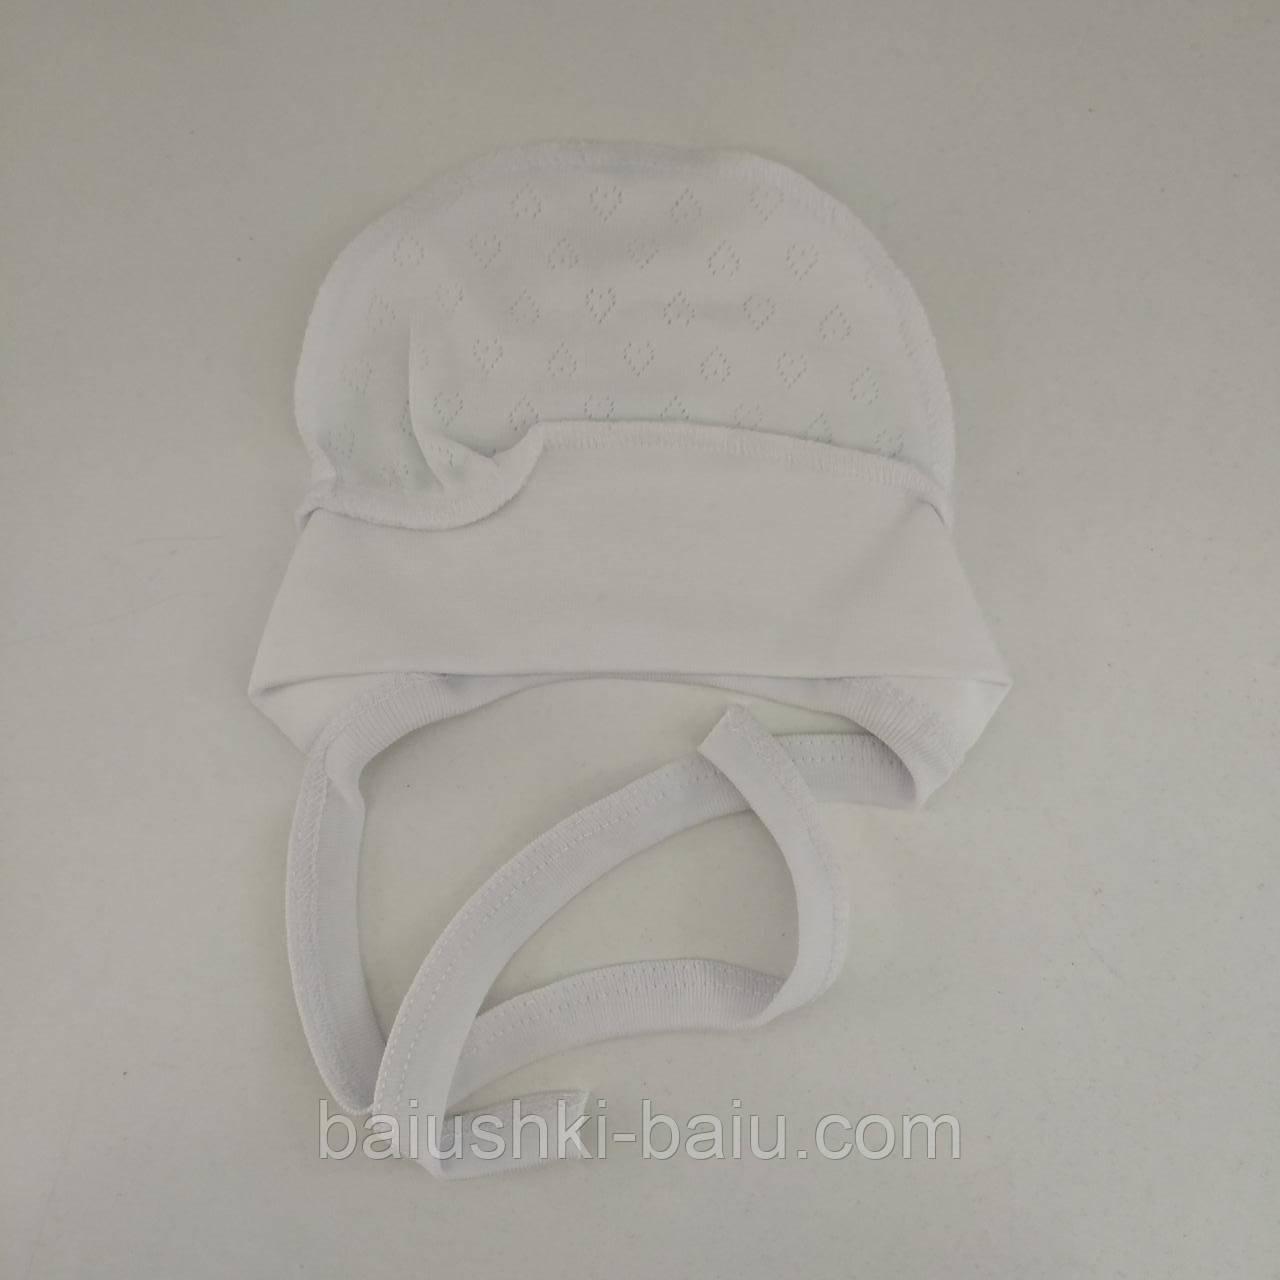 Чепчик на завязках для новорожденного (ажур), р. 1-3 мес.